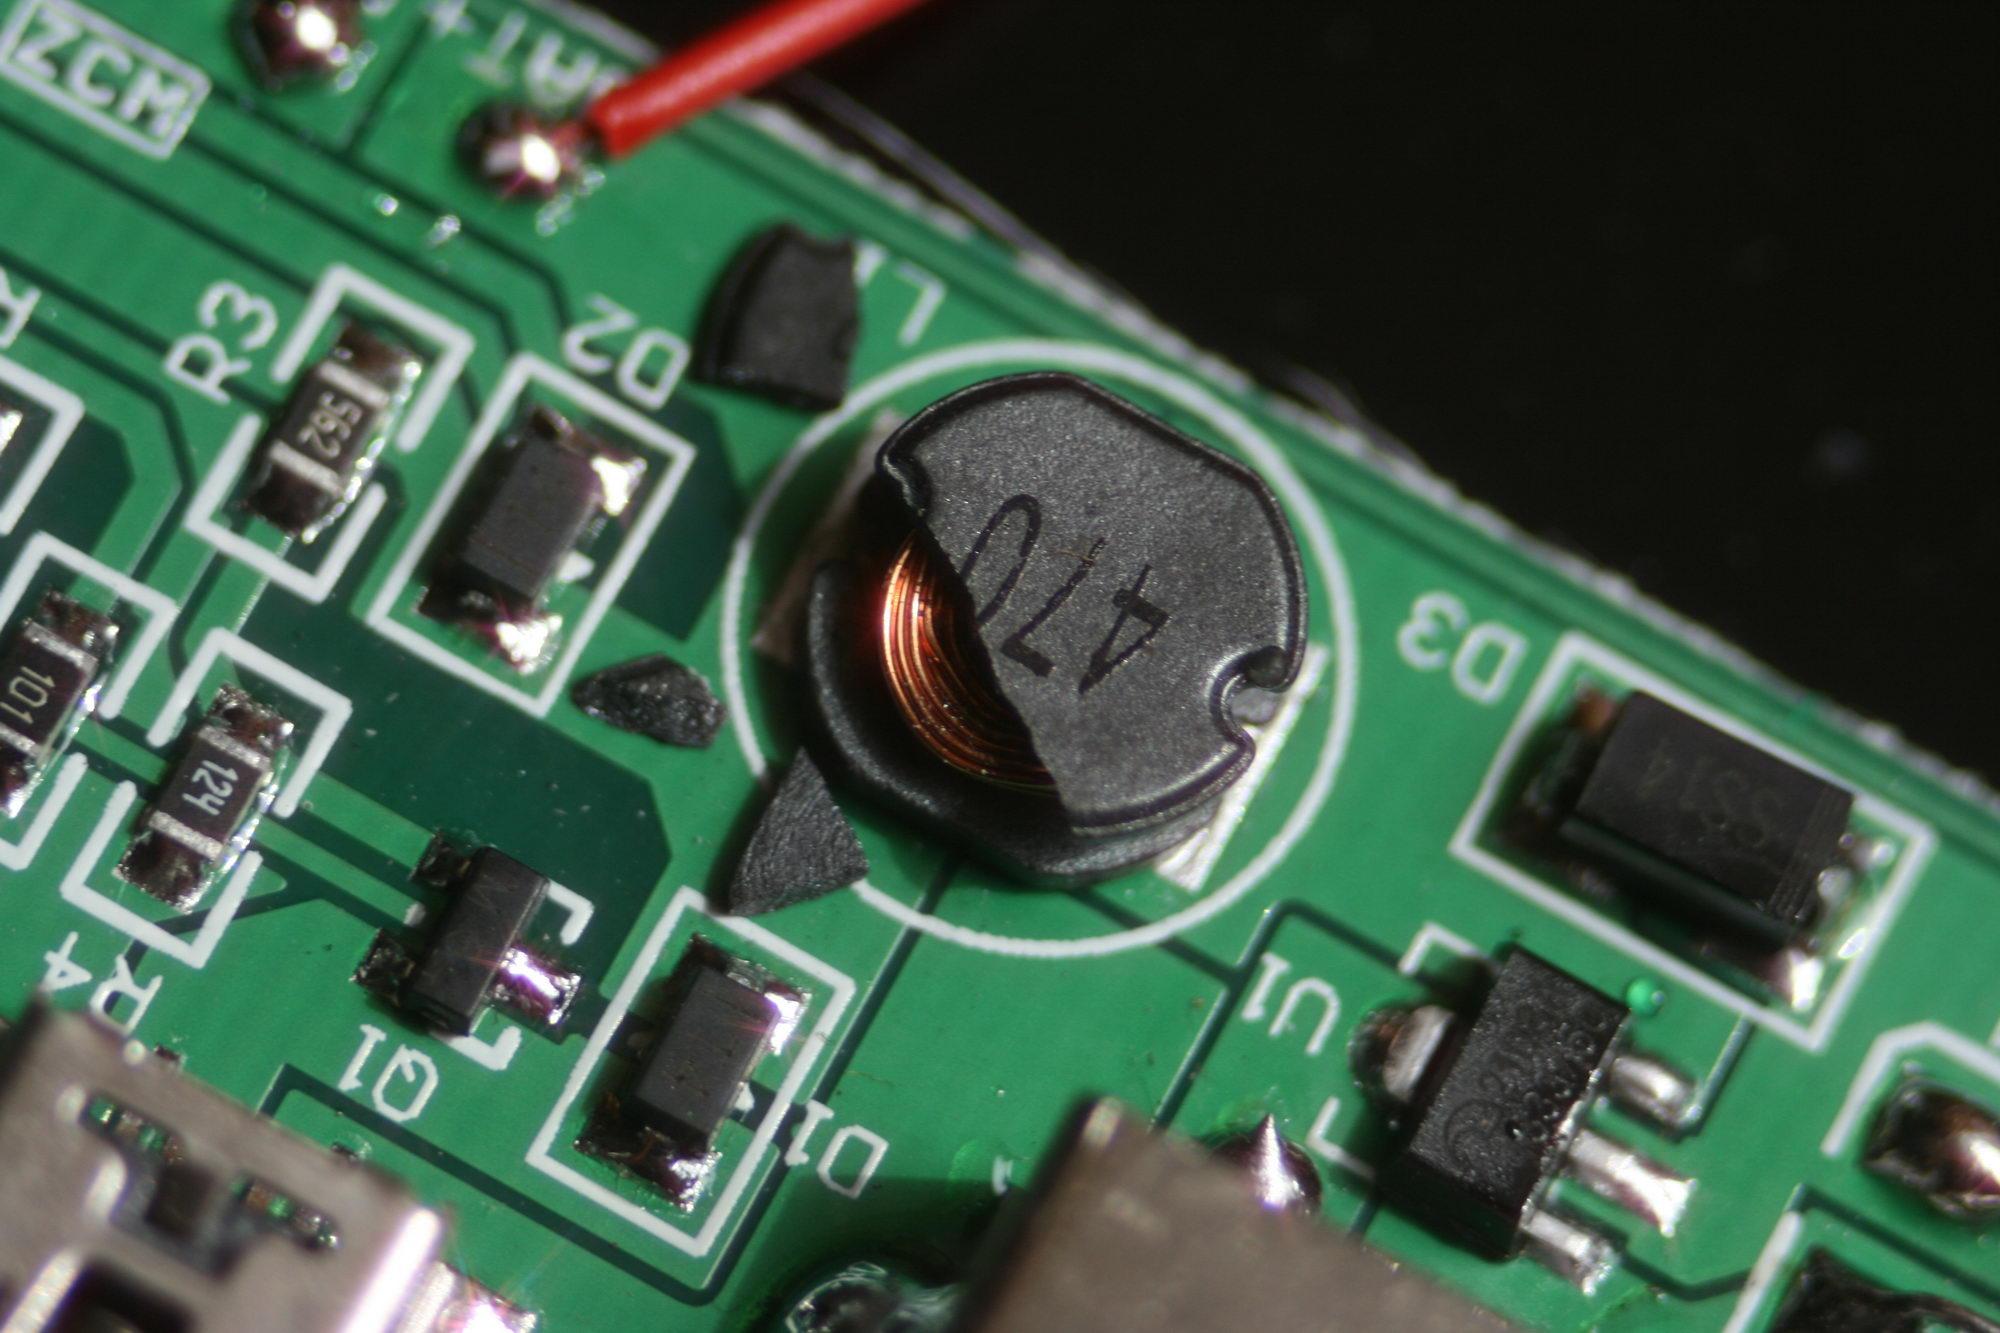 Solar Power Charger for PDA - Uszkodzony rdze� cewki. Pytanie o dob�r elementu.